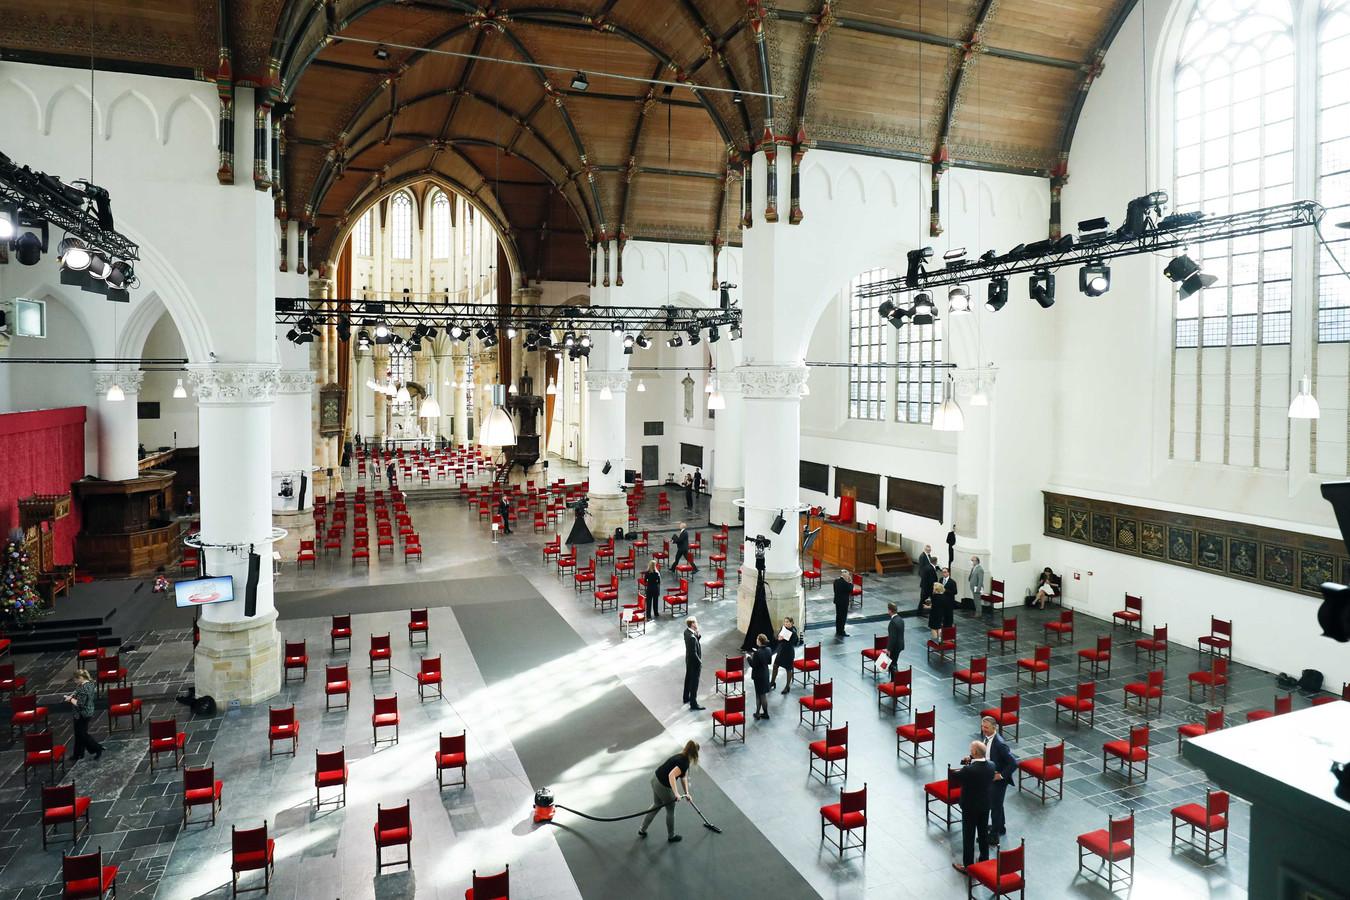 De grijze loper wordt uitgebreid gestofzuigd voor de Grote Kerk de deuren opent voor Kamerleden, ministers en het koninklijk paar.